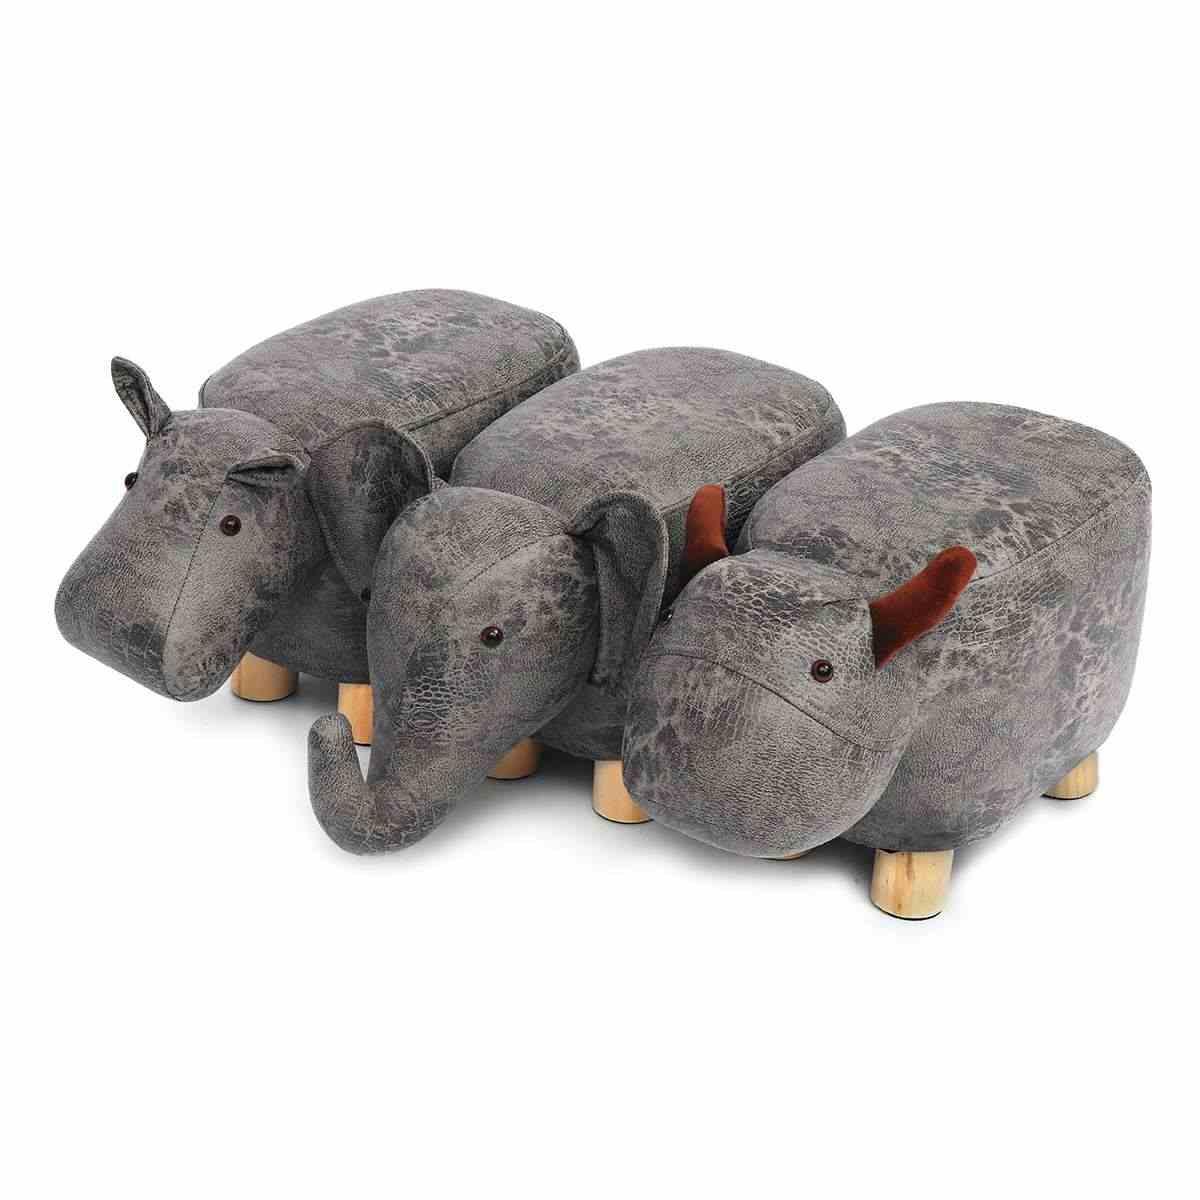 Табуреты для ног в форме животных otomans обувь для дивана мягкая подушка Pouffe табуреты для отдыха домашняя мебель для детской спальни Декор 50x28x24 см